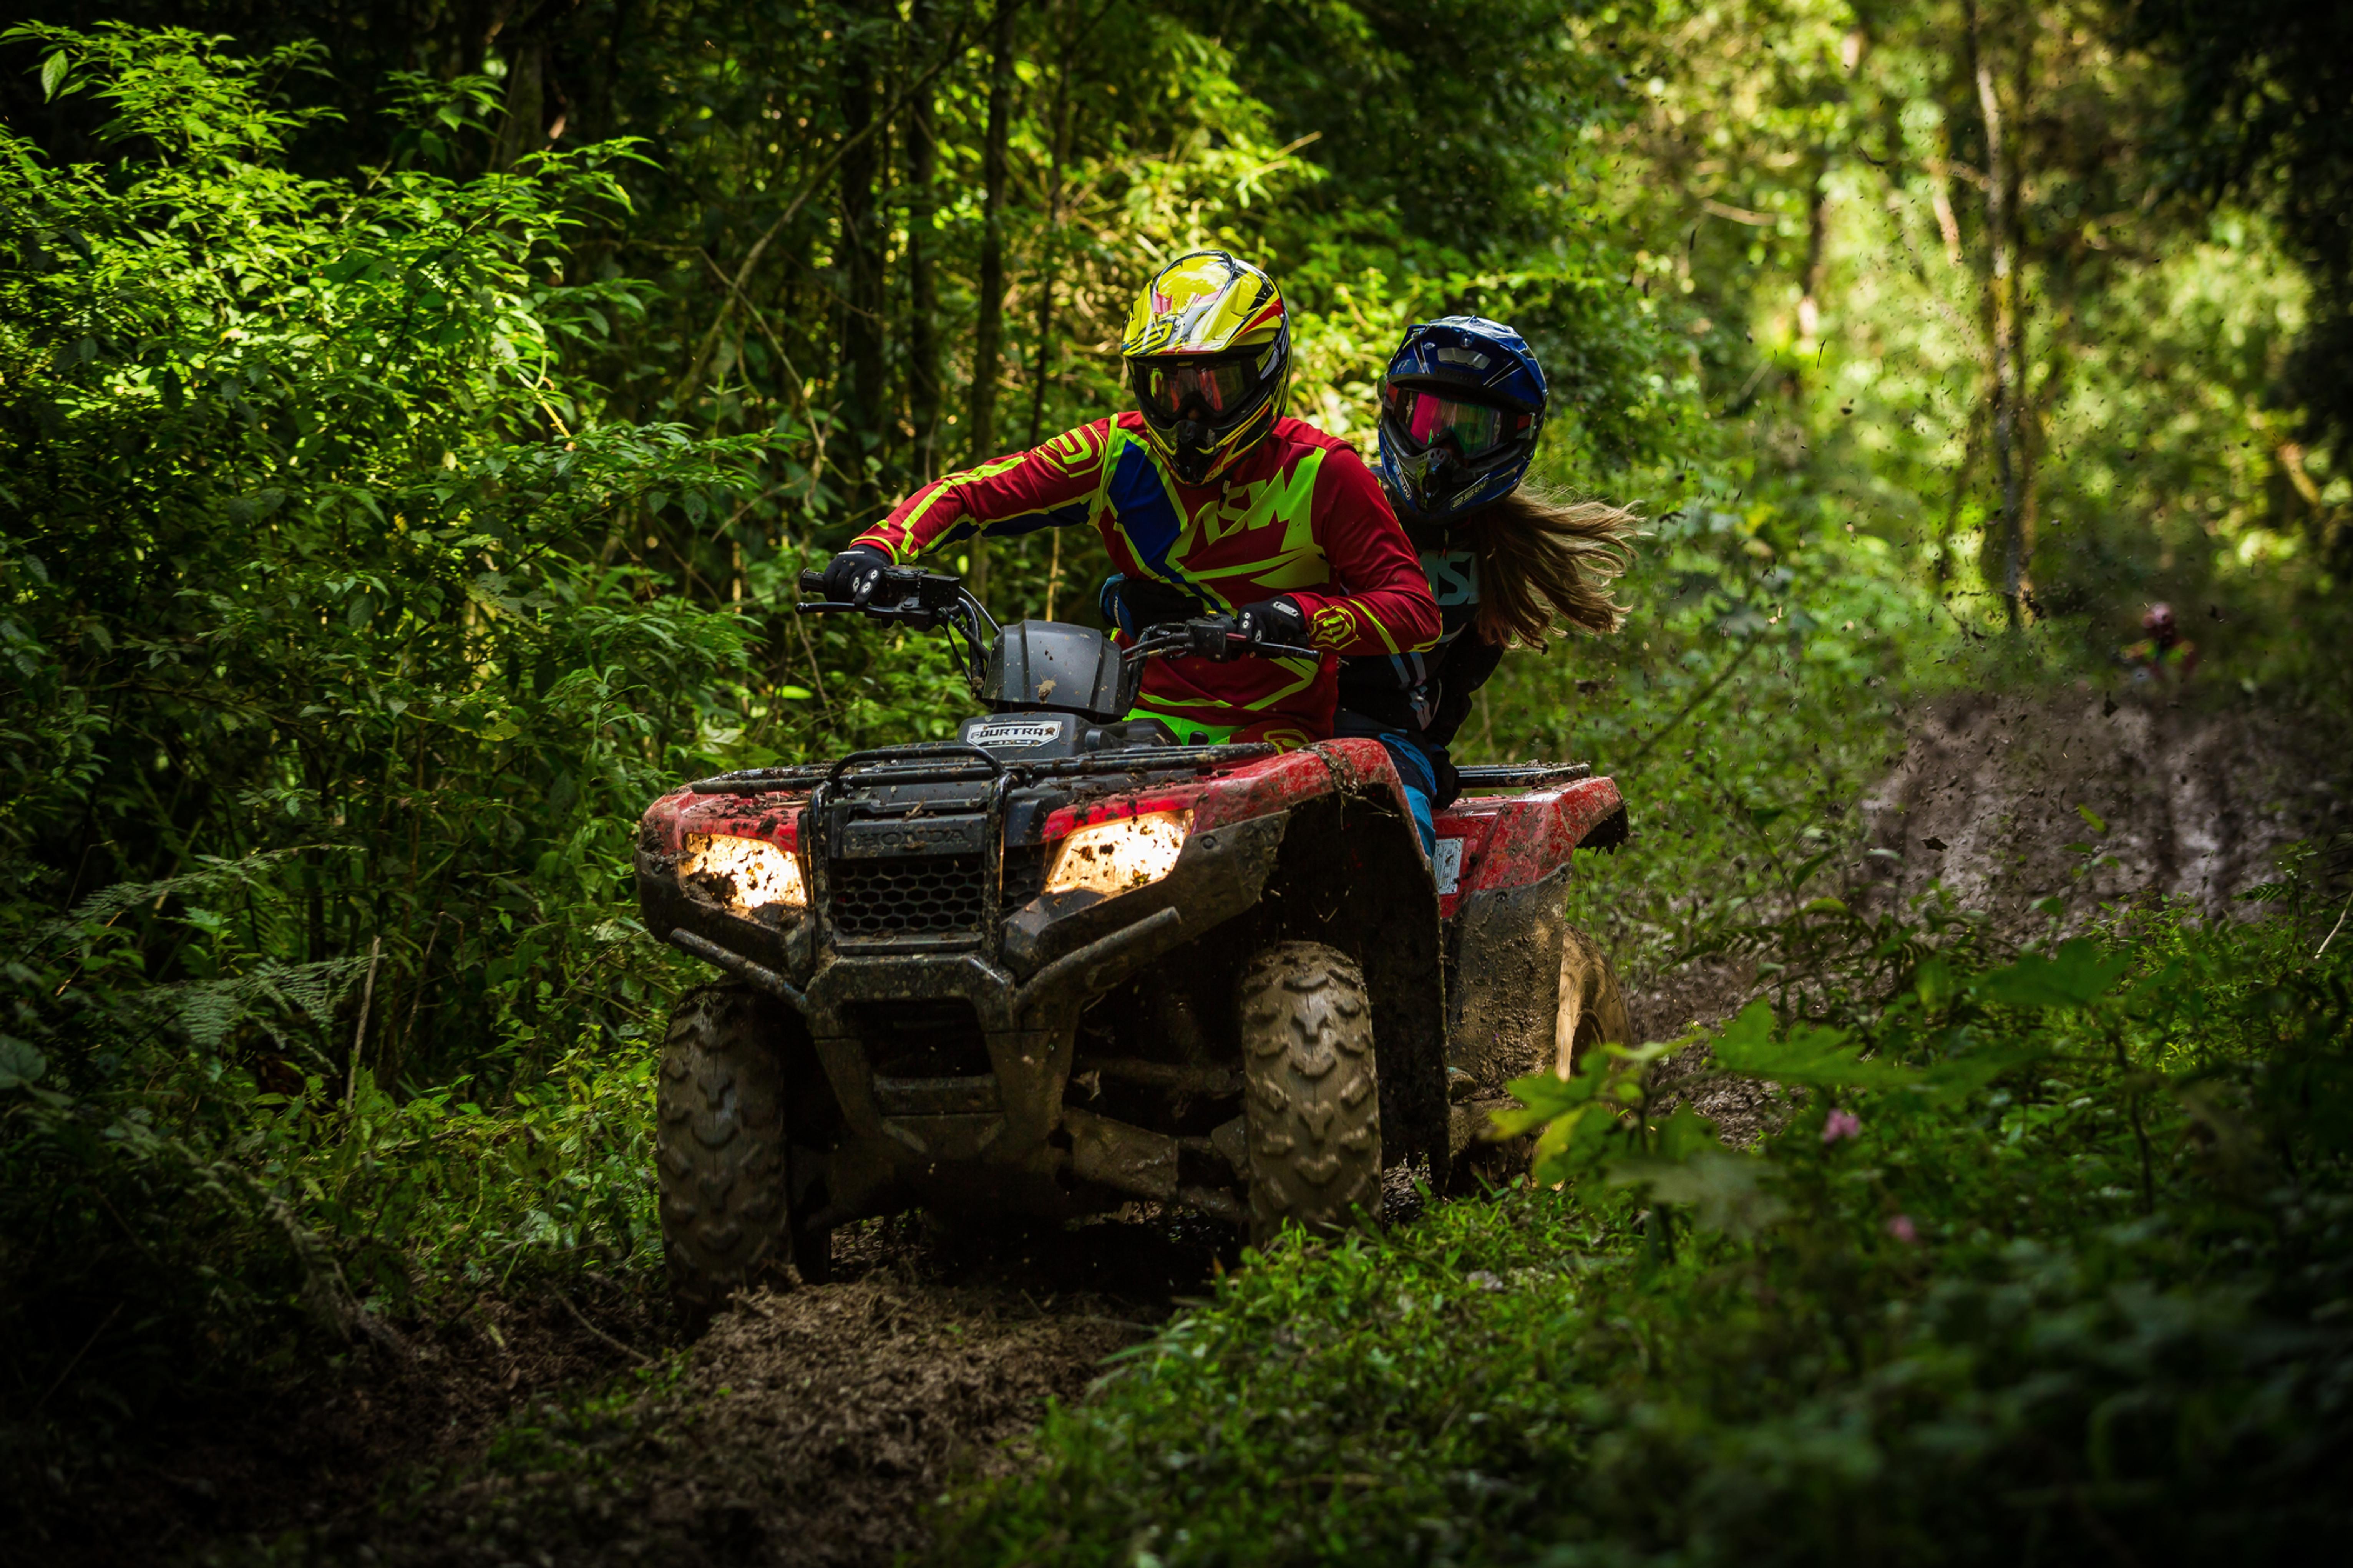 ATV Tour - Double Rider